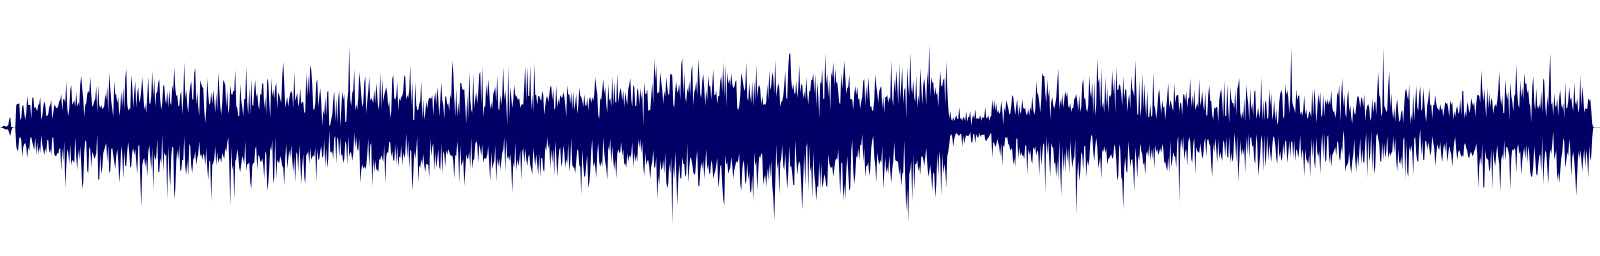 waveform of track #131966